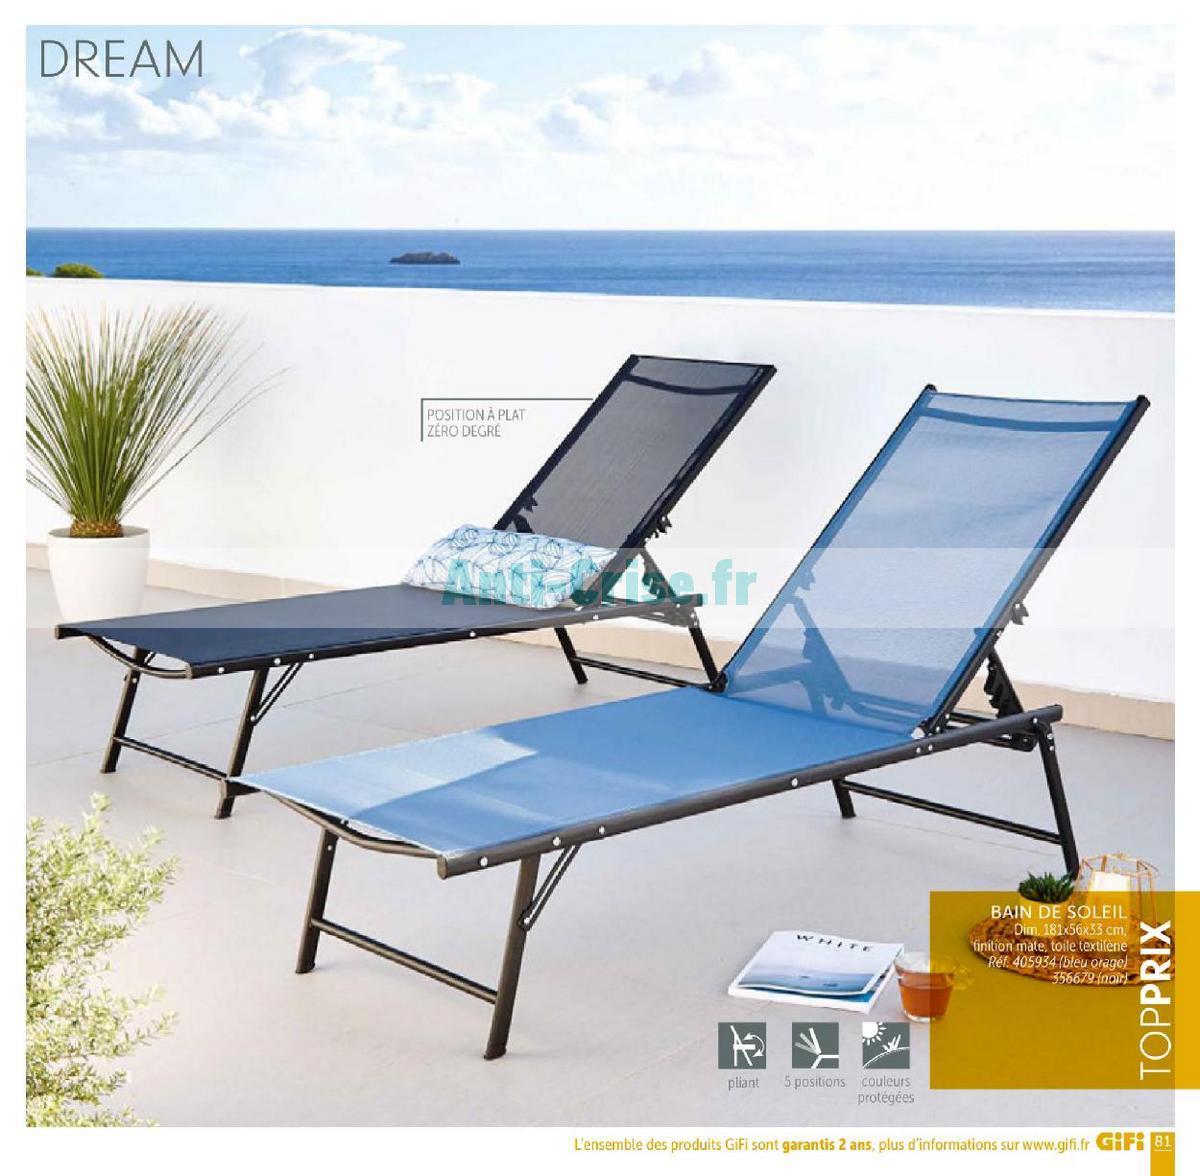 Catalogue Gifi Du 1Er Mai Au 31 Août 2018 (Plein Air ... intérieur Bain De Soleil Playa Gifi